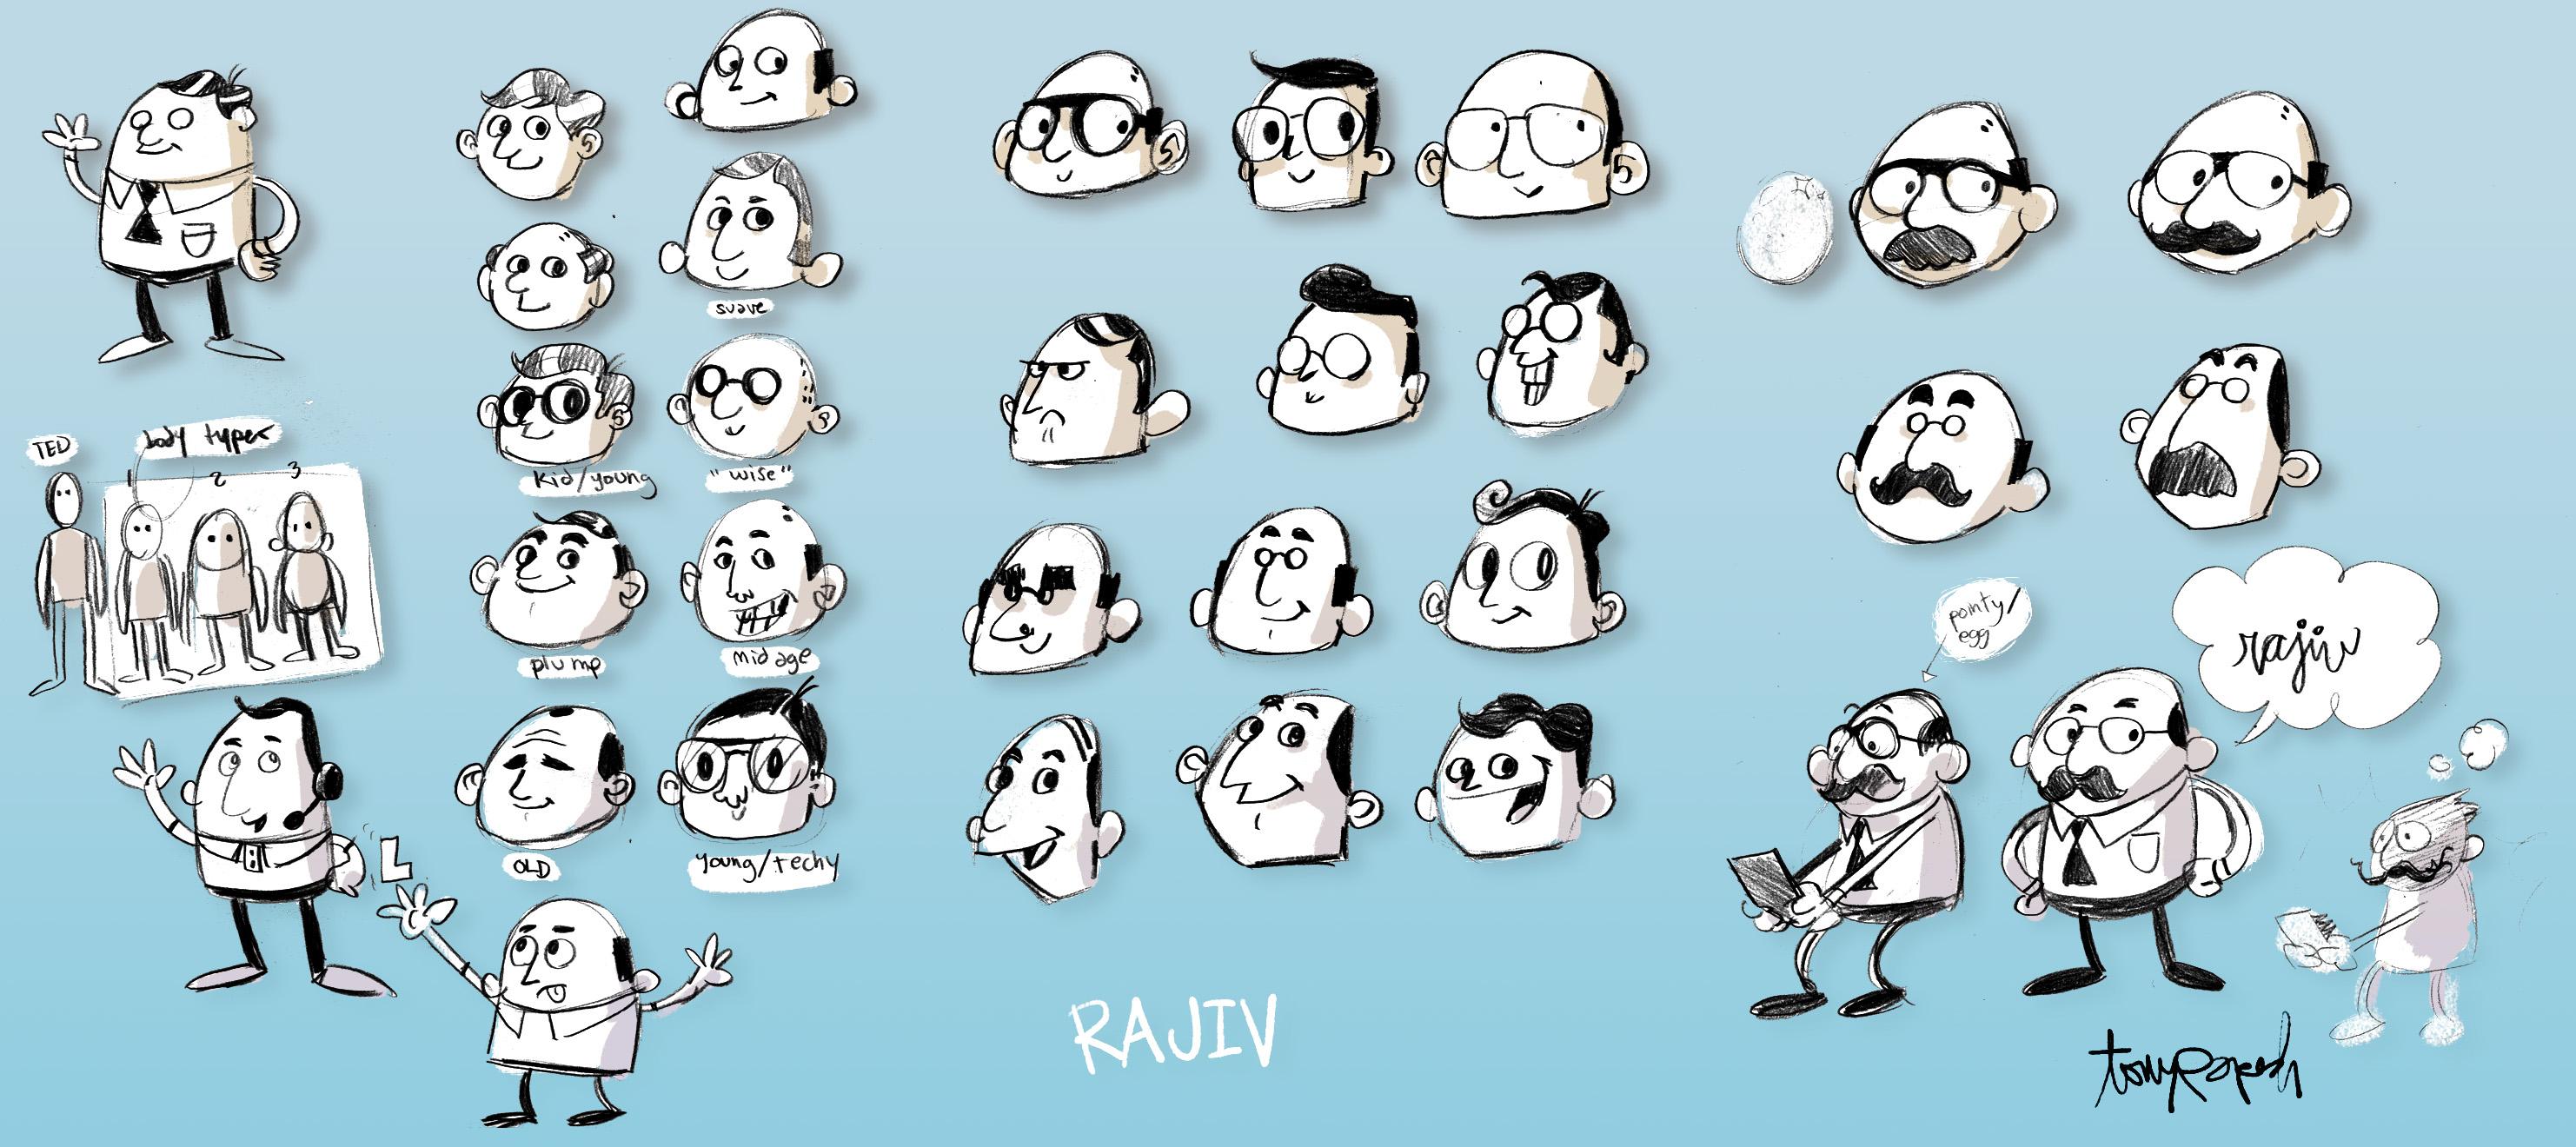 Rajiv Concepts